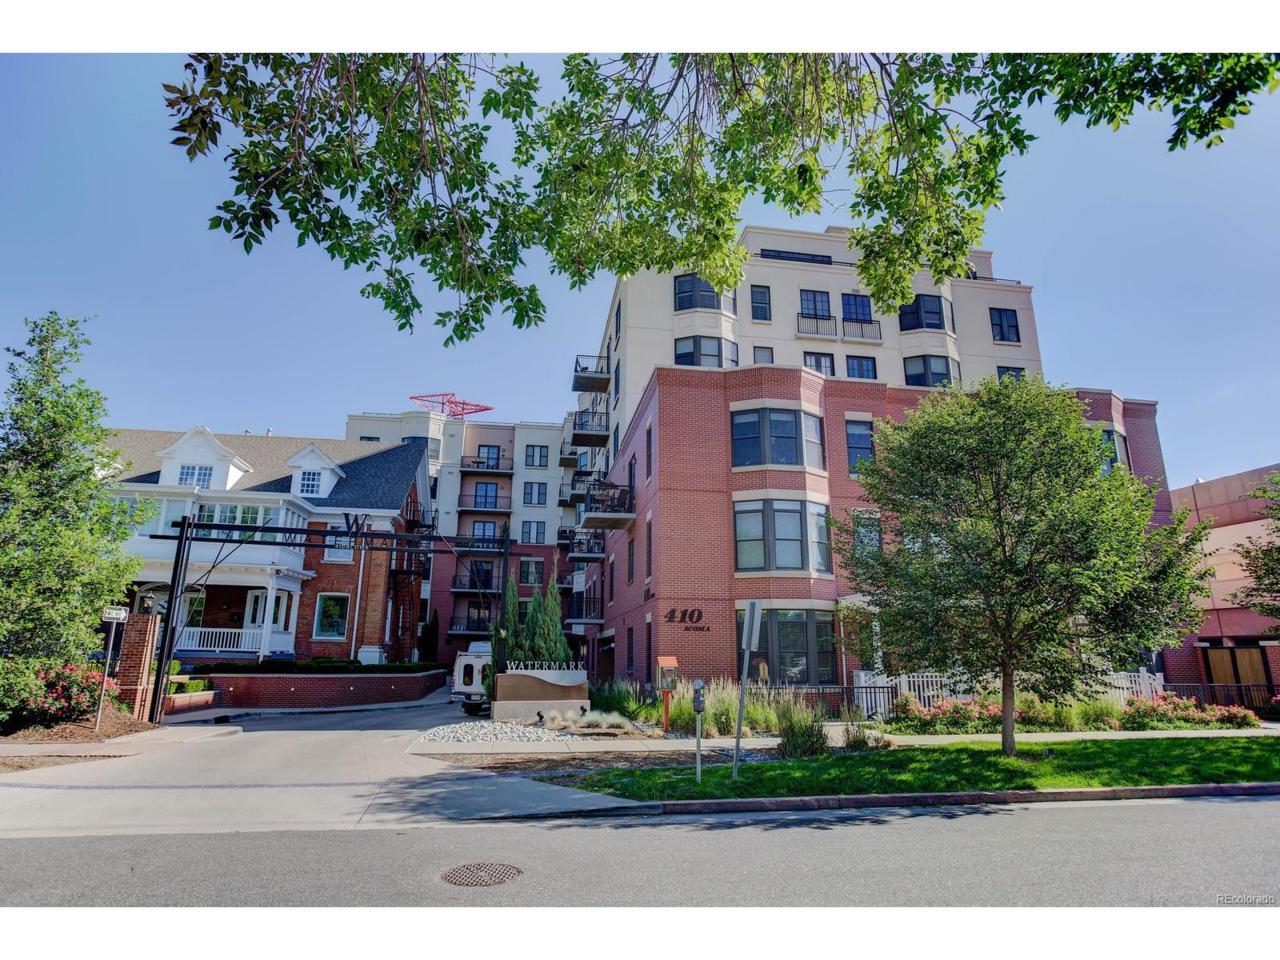 410 Acoma Street #410, Denver, CO 80204 (MLS #3803583) :: 8z Real Estate